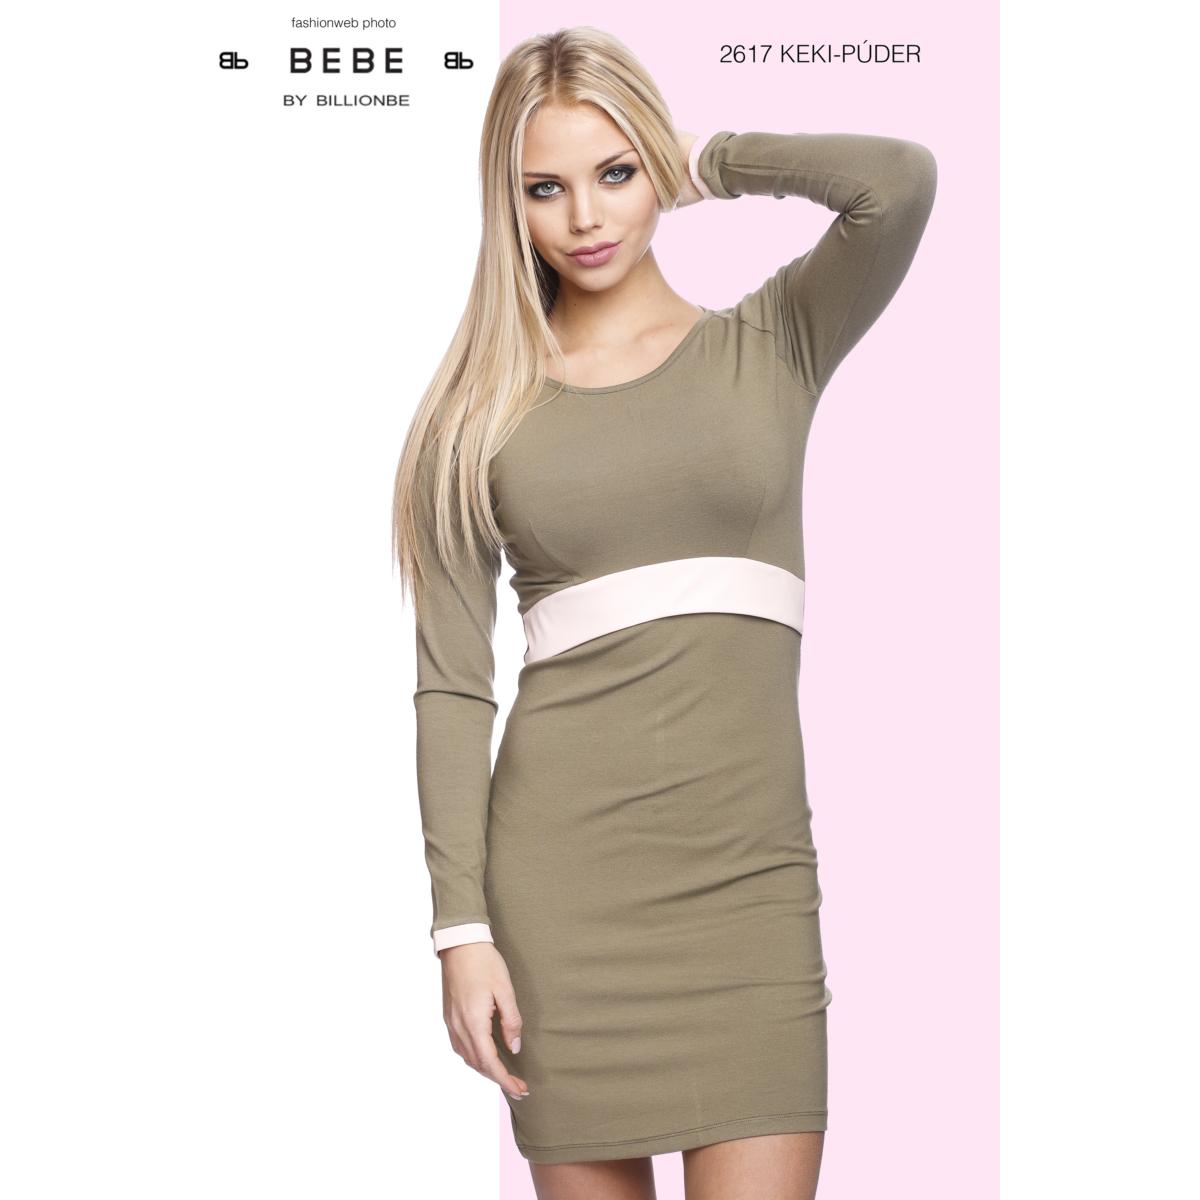 baa51aba71 Összes ruha - Ruha webáruház, női ruházat - Likefashion - 6. oldal